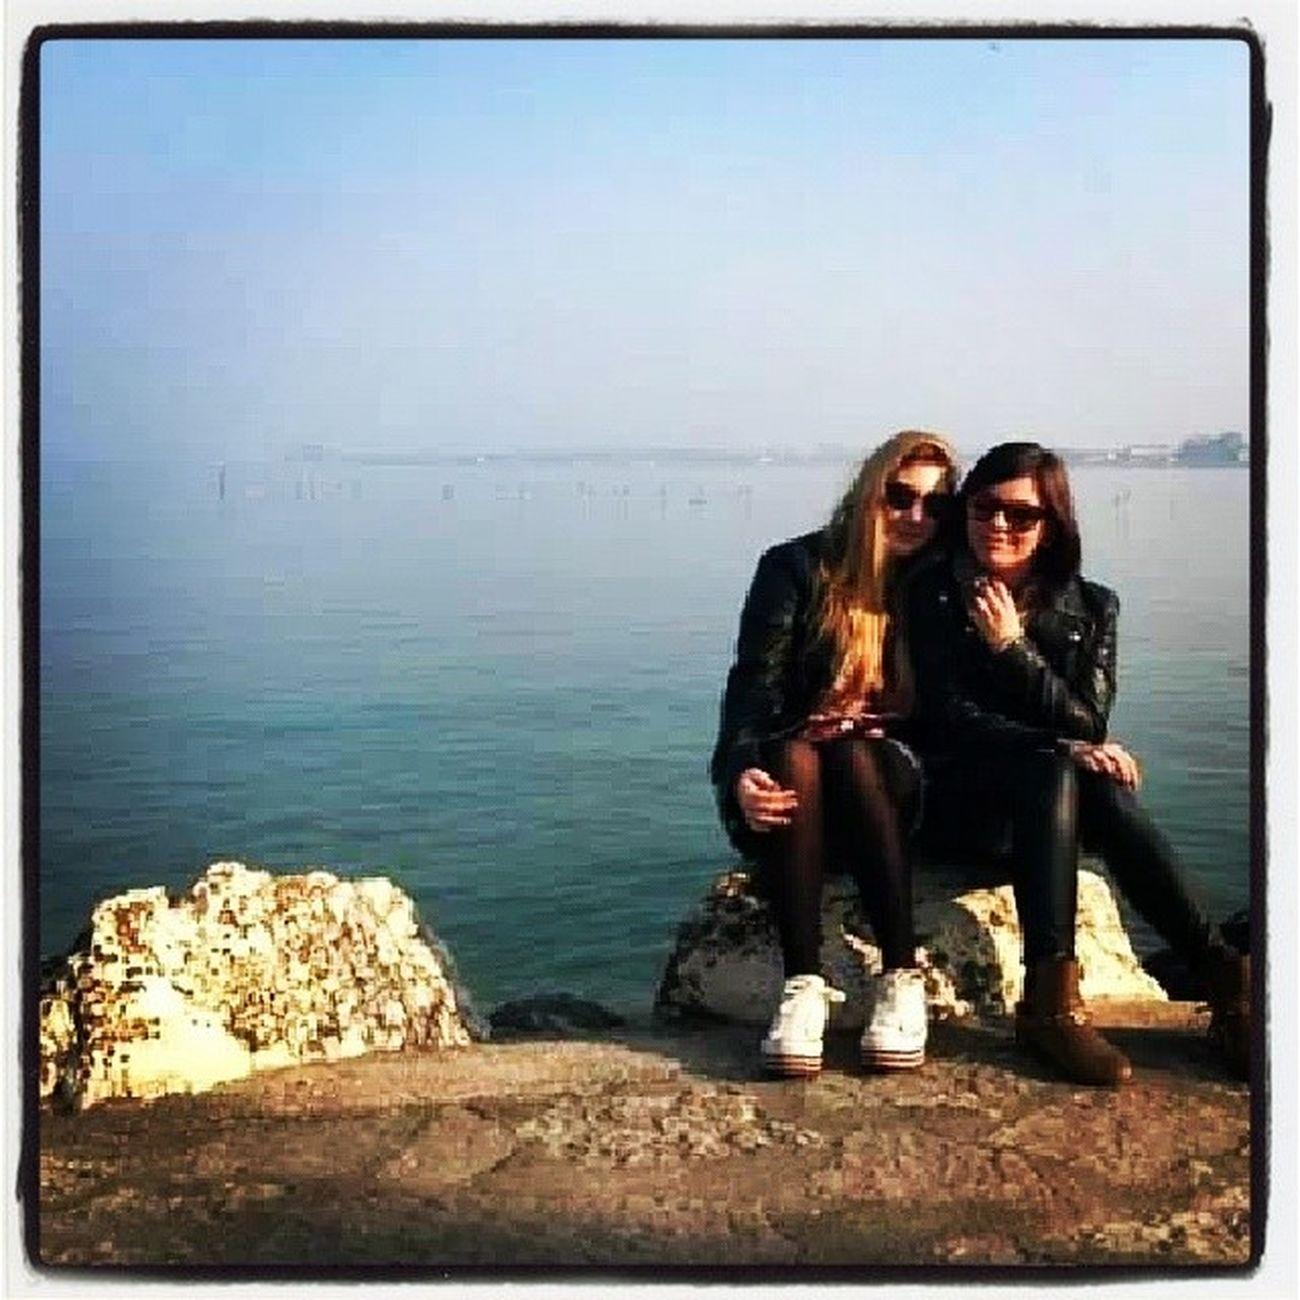 Brescia Friends Friendship Sista Lake Sunnyday Wirlebenes Zusammen Young Free Happiness Missyou Iloveyou Alwaysnforever